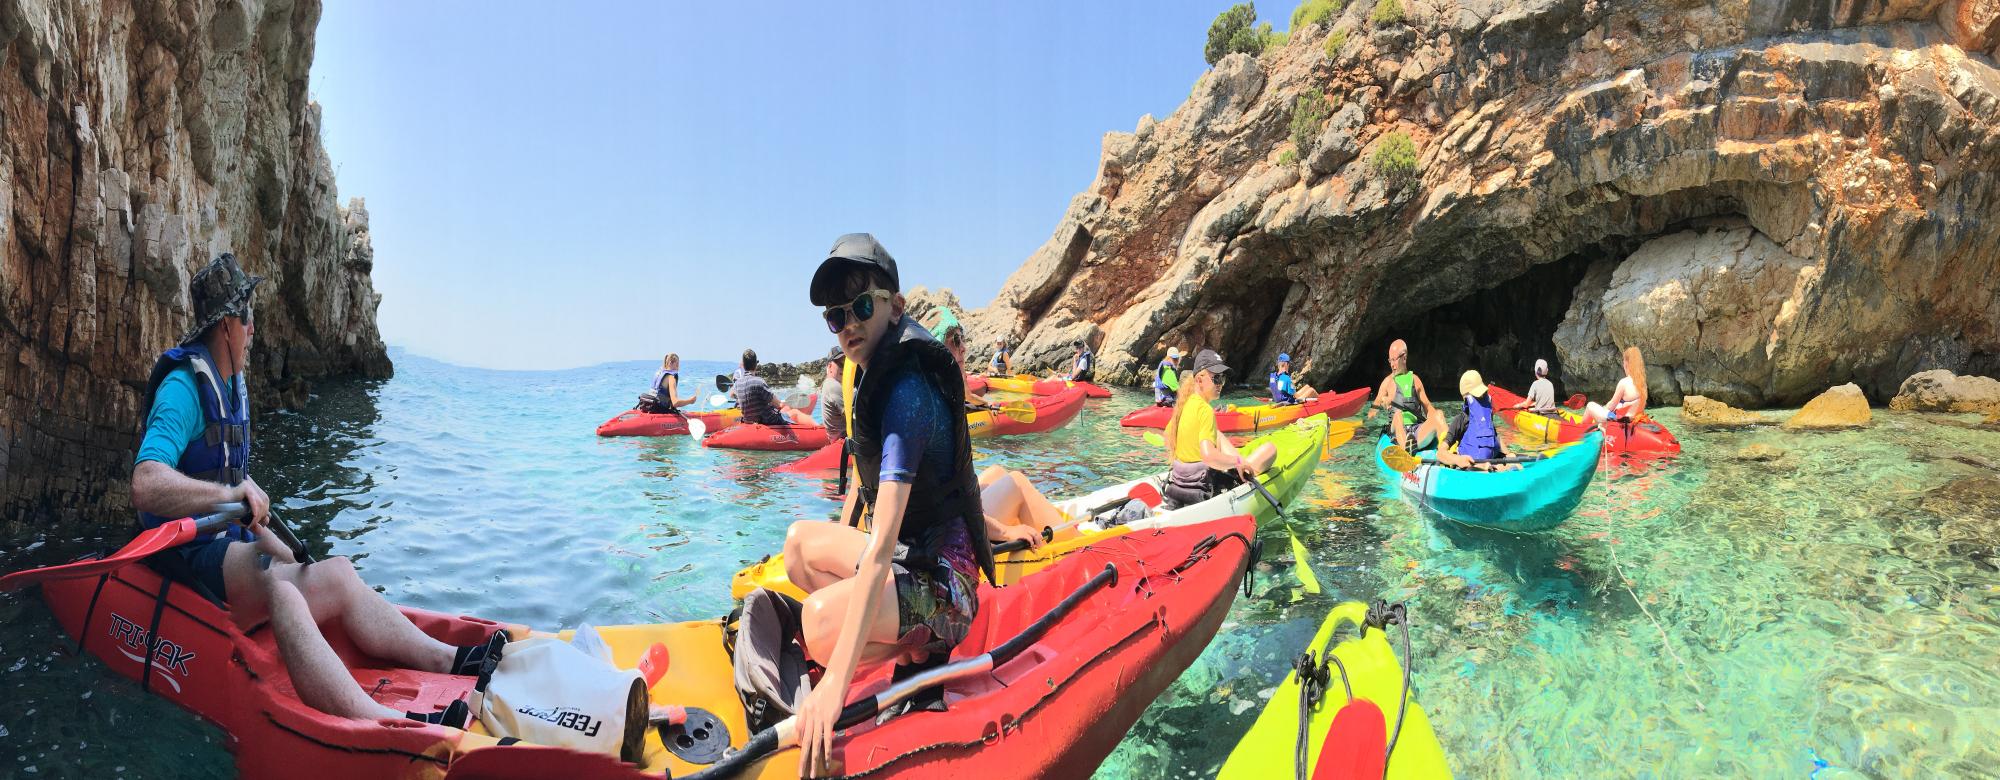 Trogir Sea Kayaking - the best sea adventure in Trogir Croatia